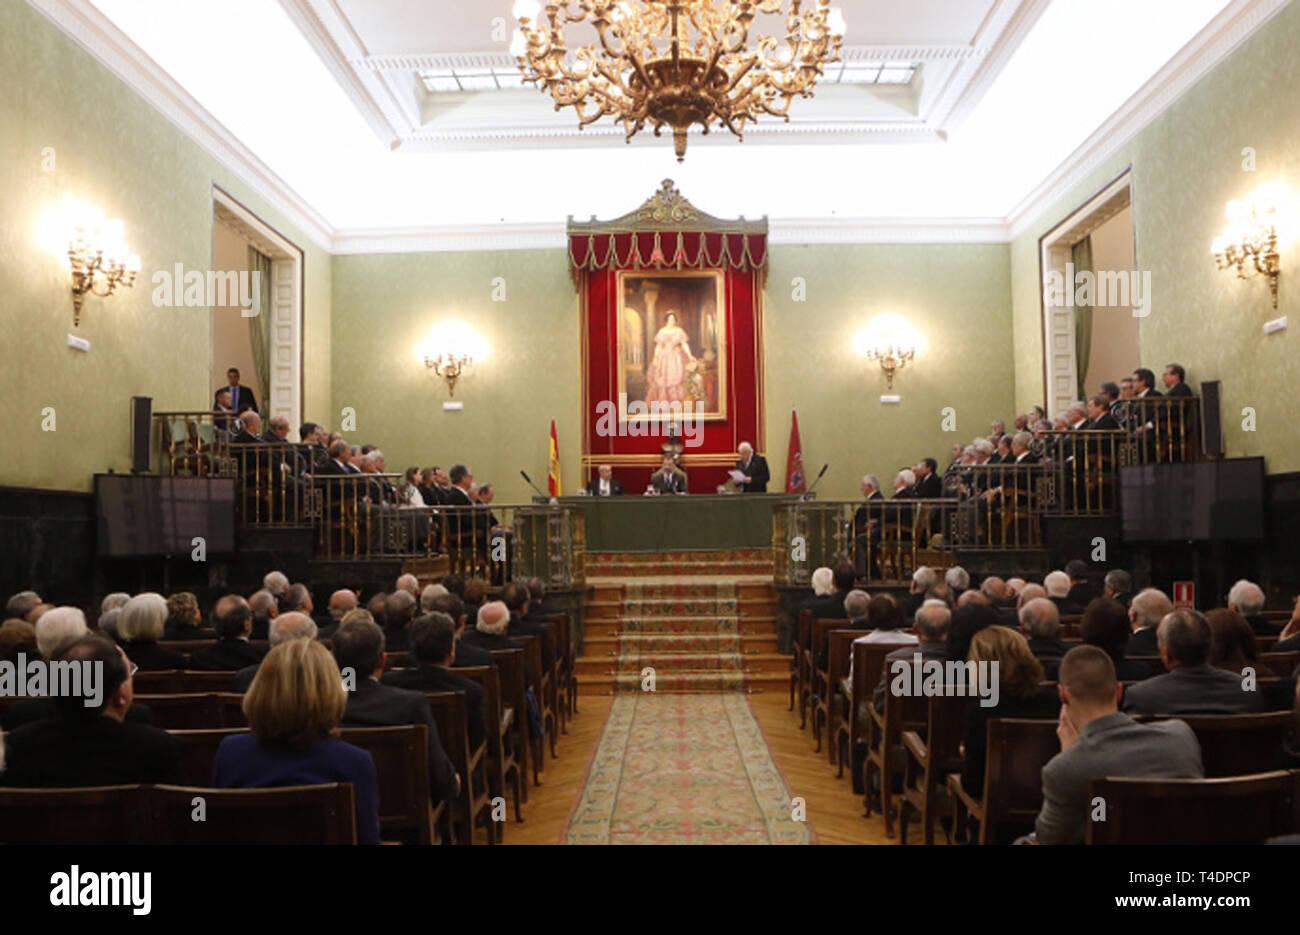 Real Academia Imágenes De Stock & Real Academia Fotos De